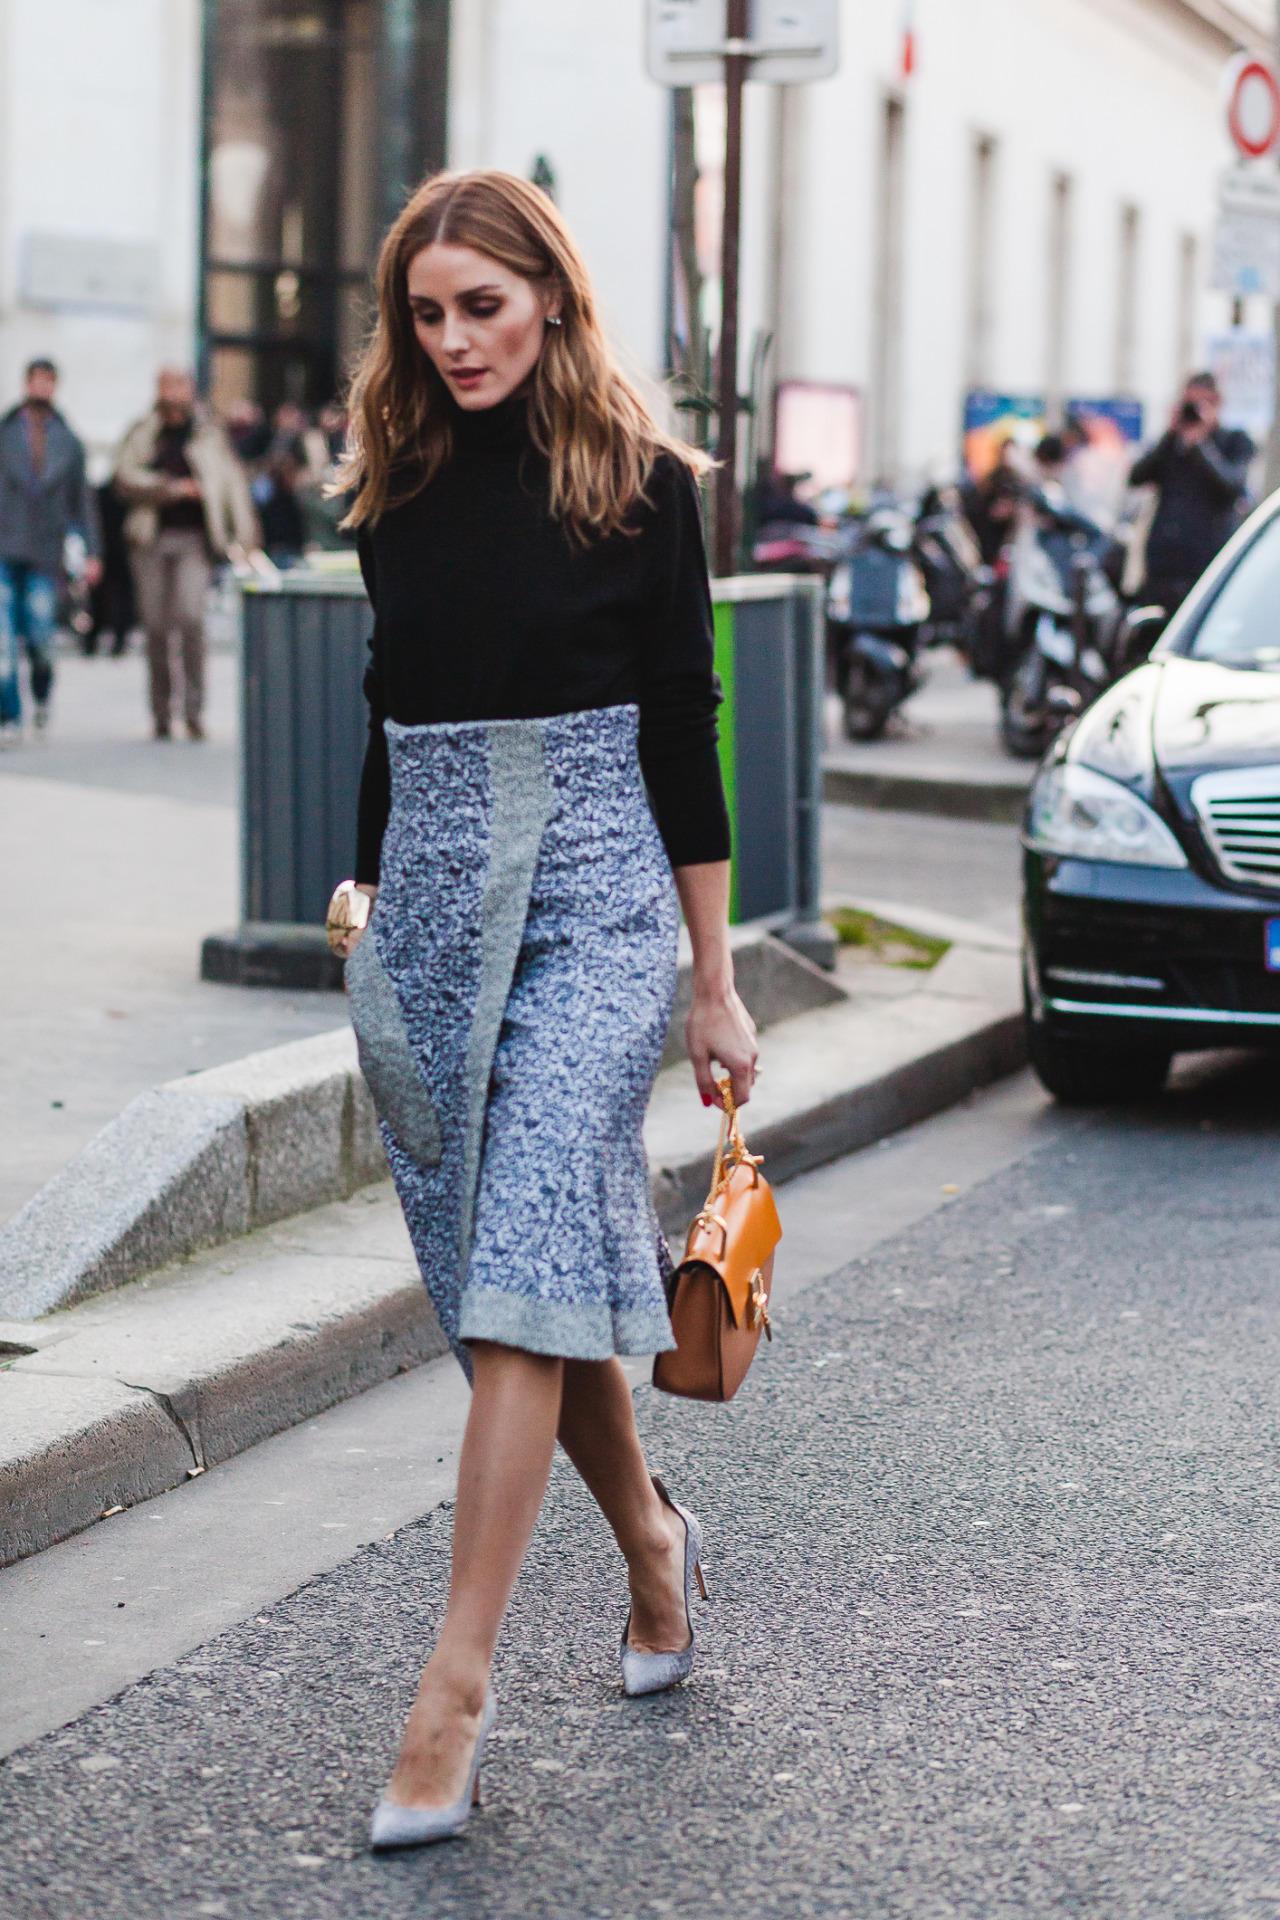 Diện trang phục công sở sành điệu như hai nữ giám đốc công ty thời trang 9